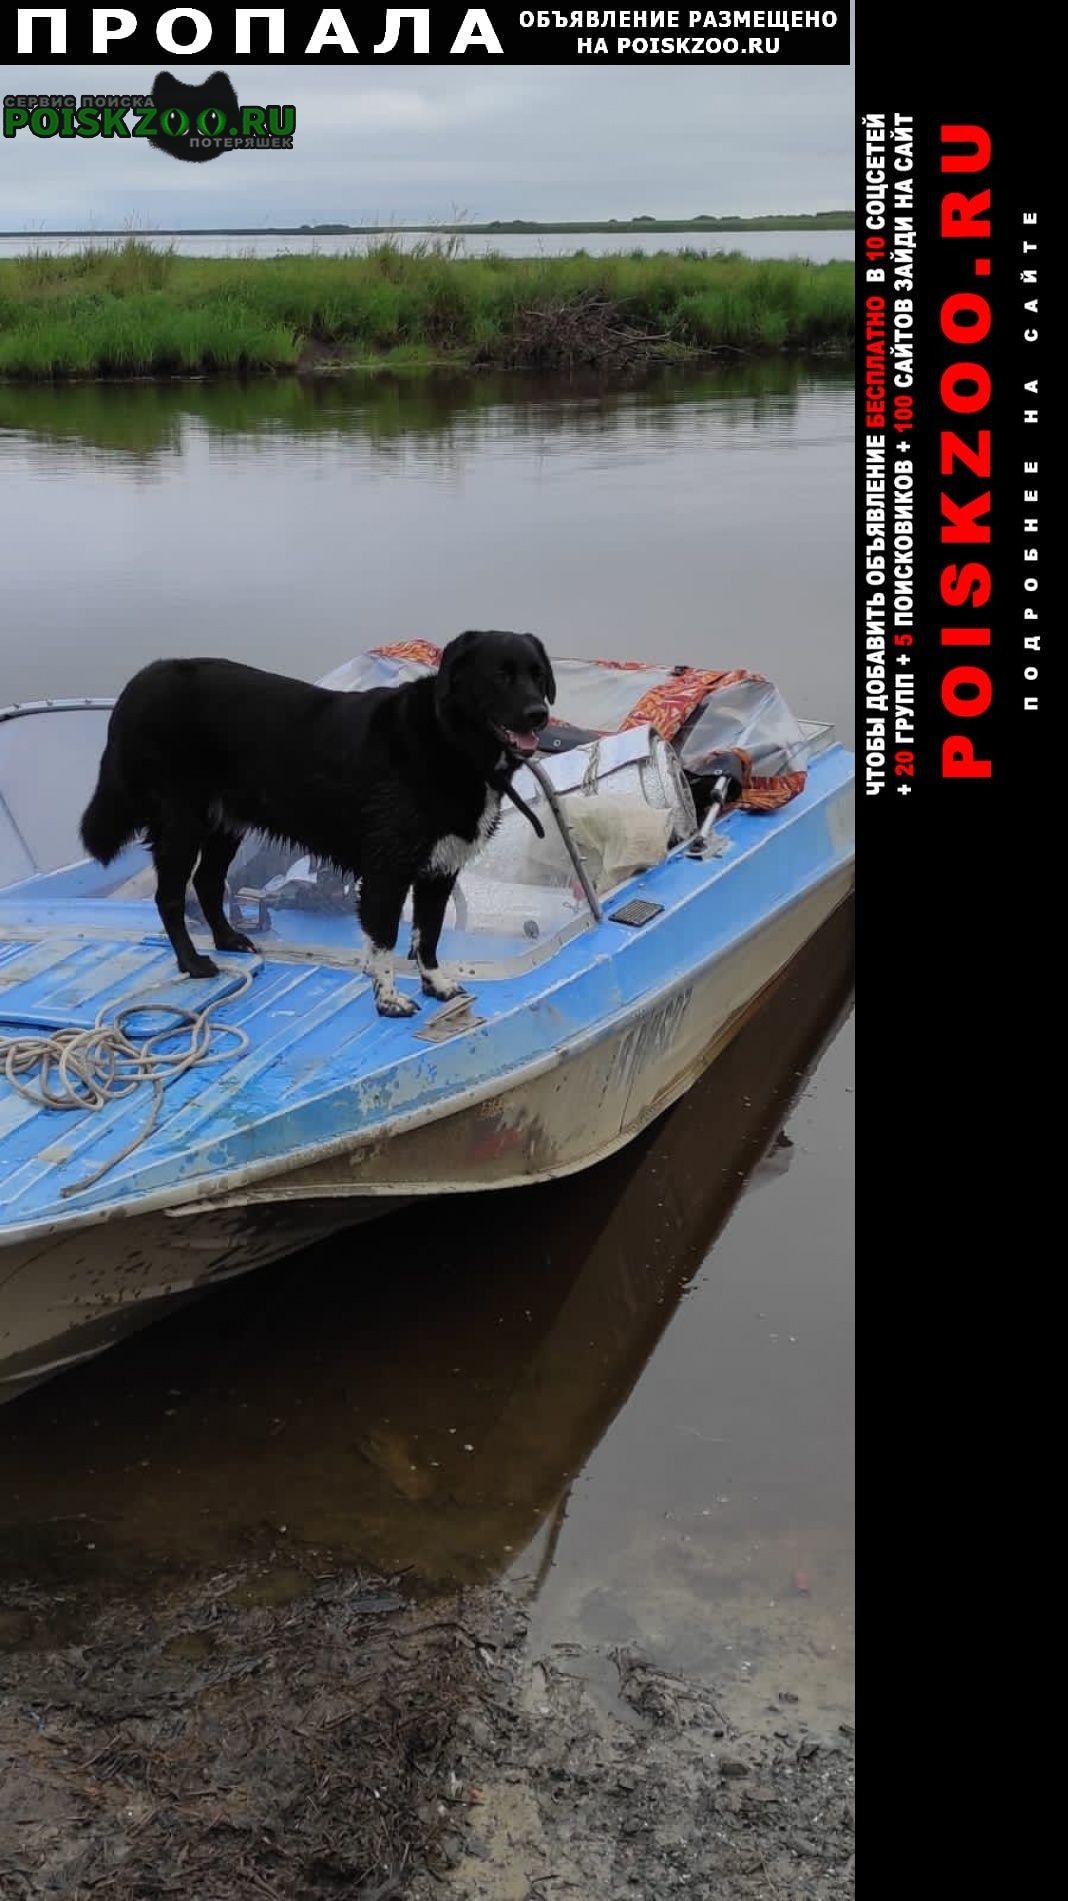 Комсомольск-на-Амуре Пропала собака кобель